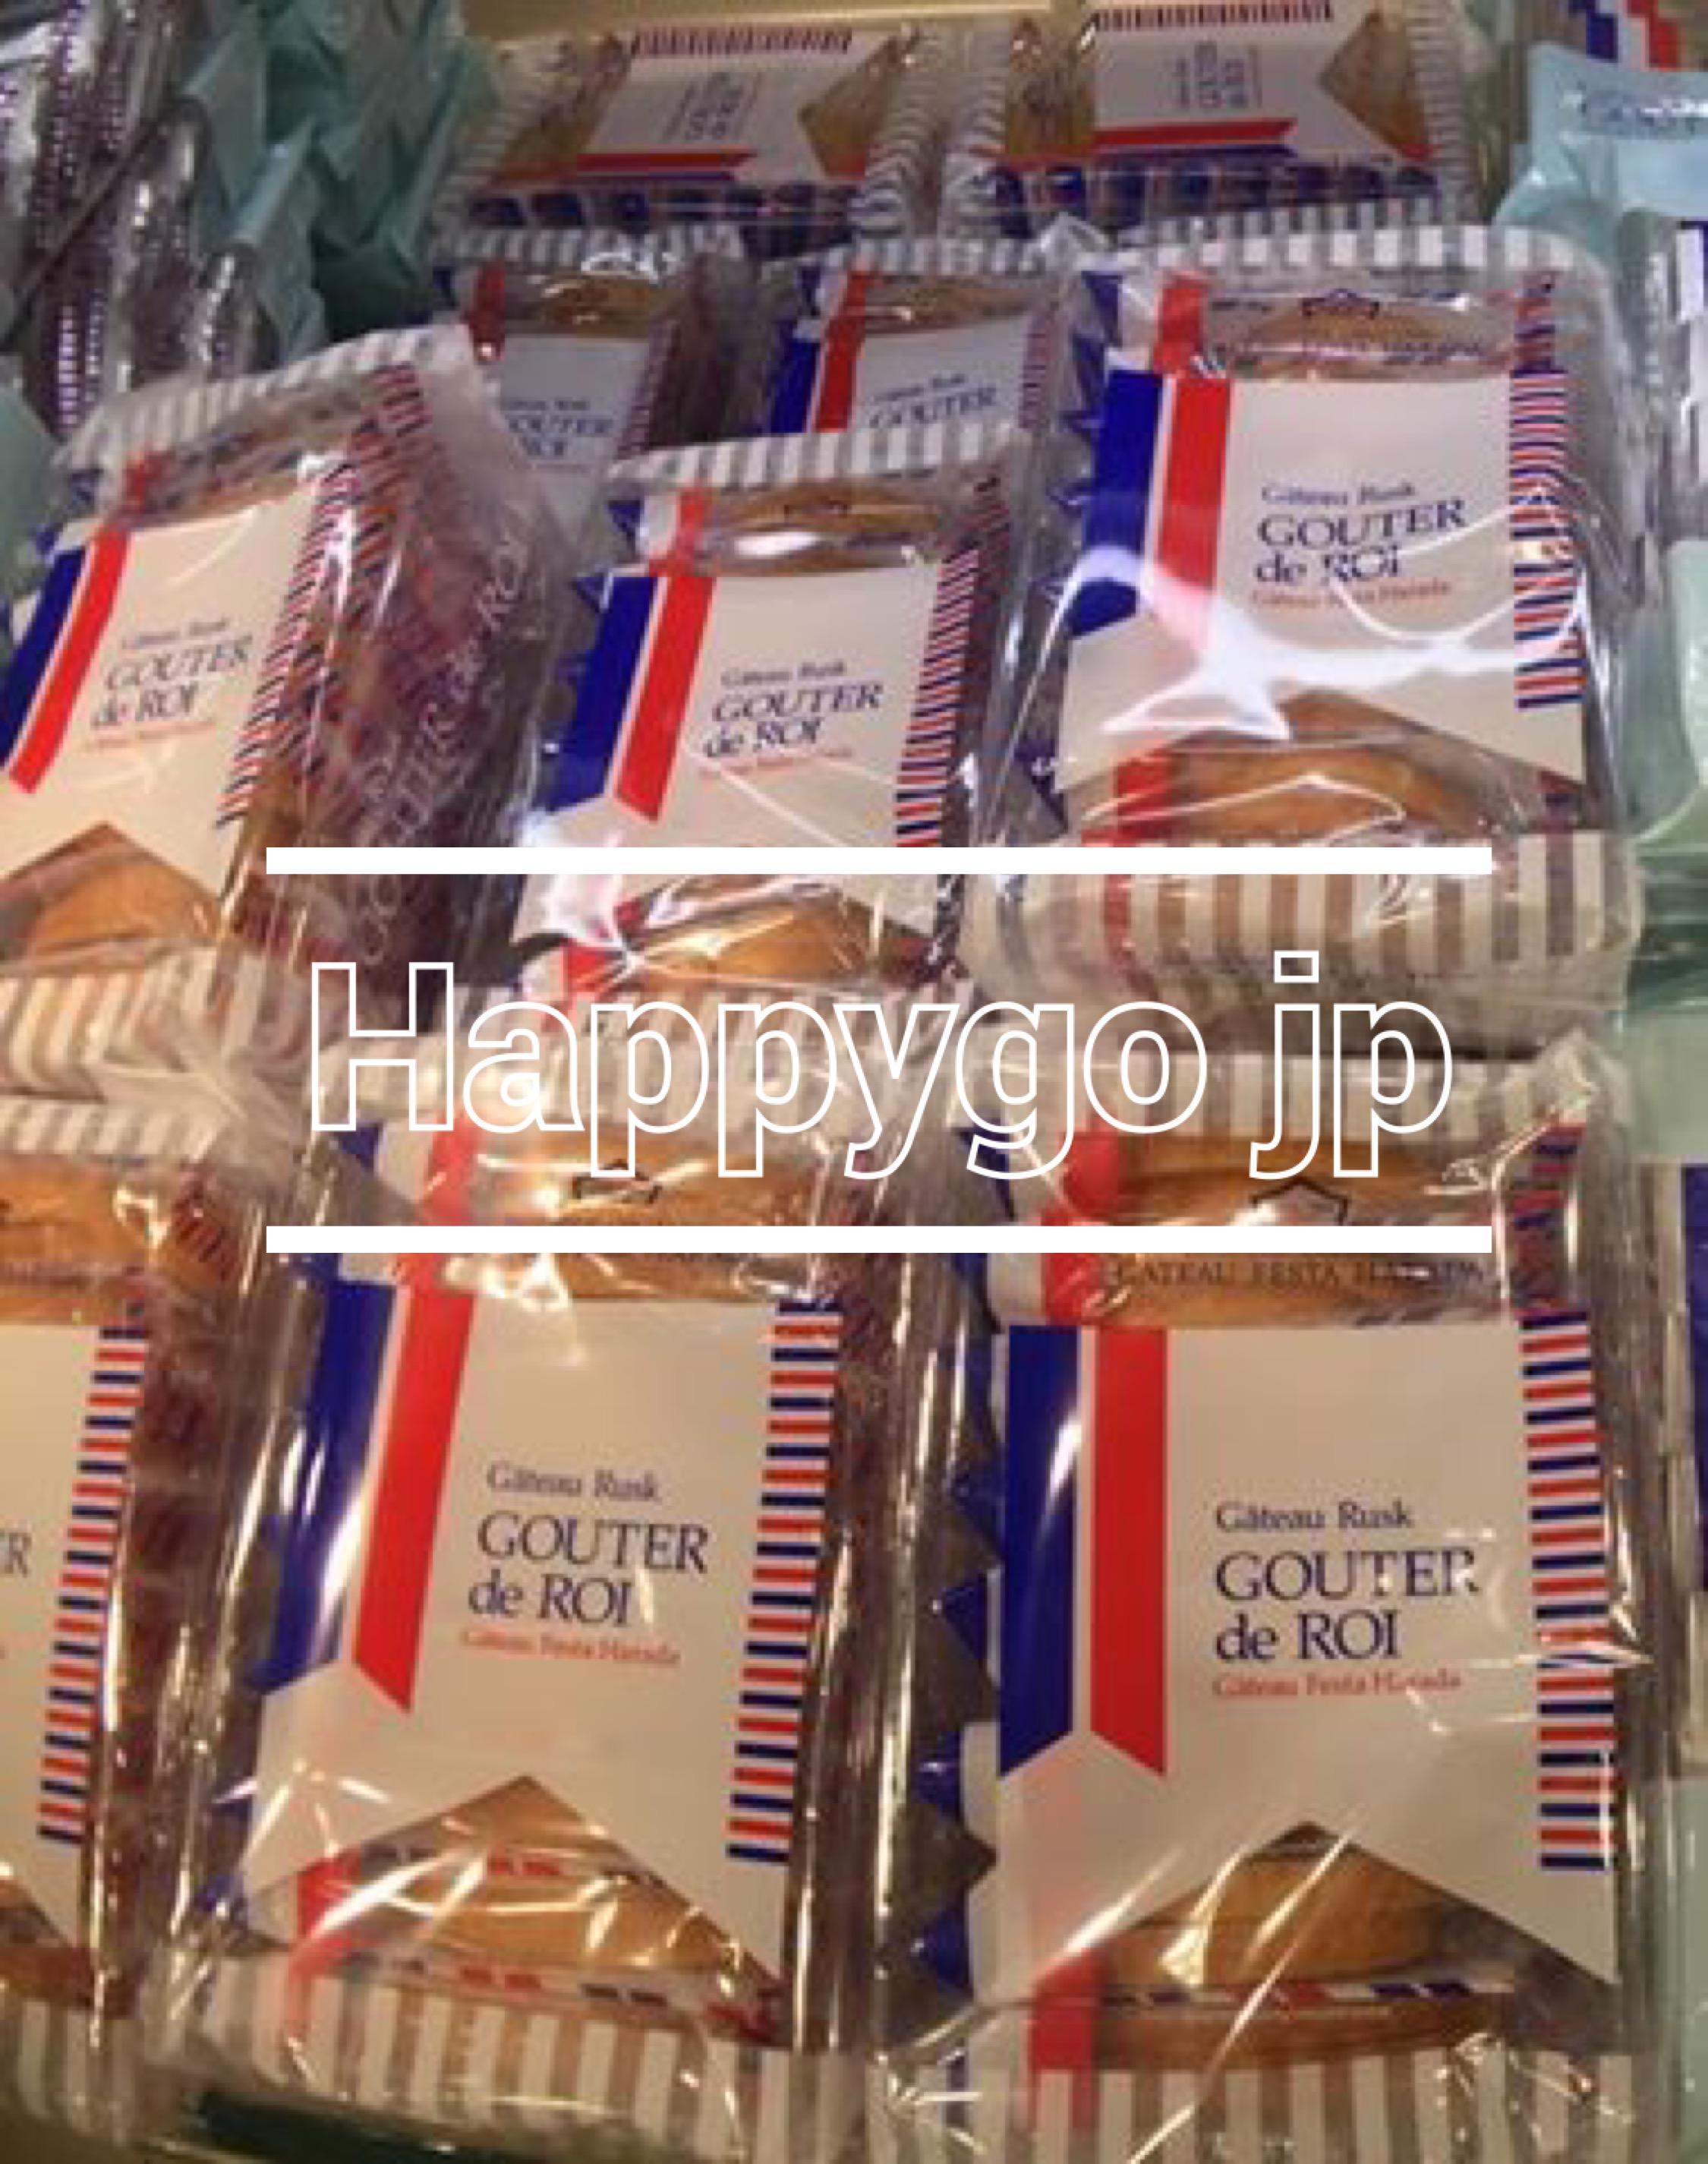 日本帶回 現貨 ➡️Gourer de ROI法國餅乾⬅️